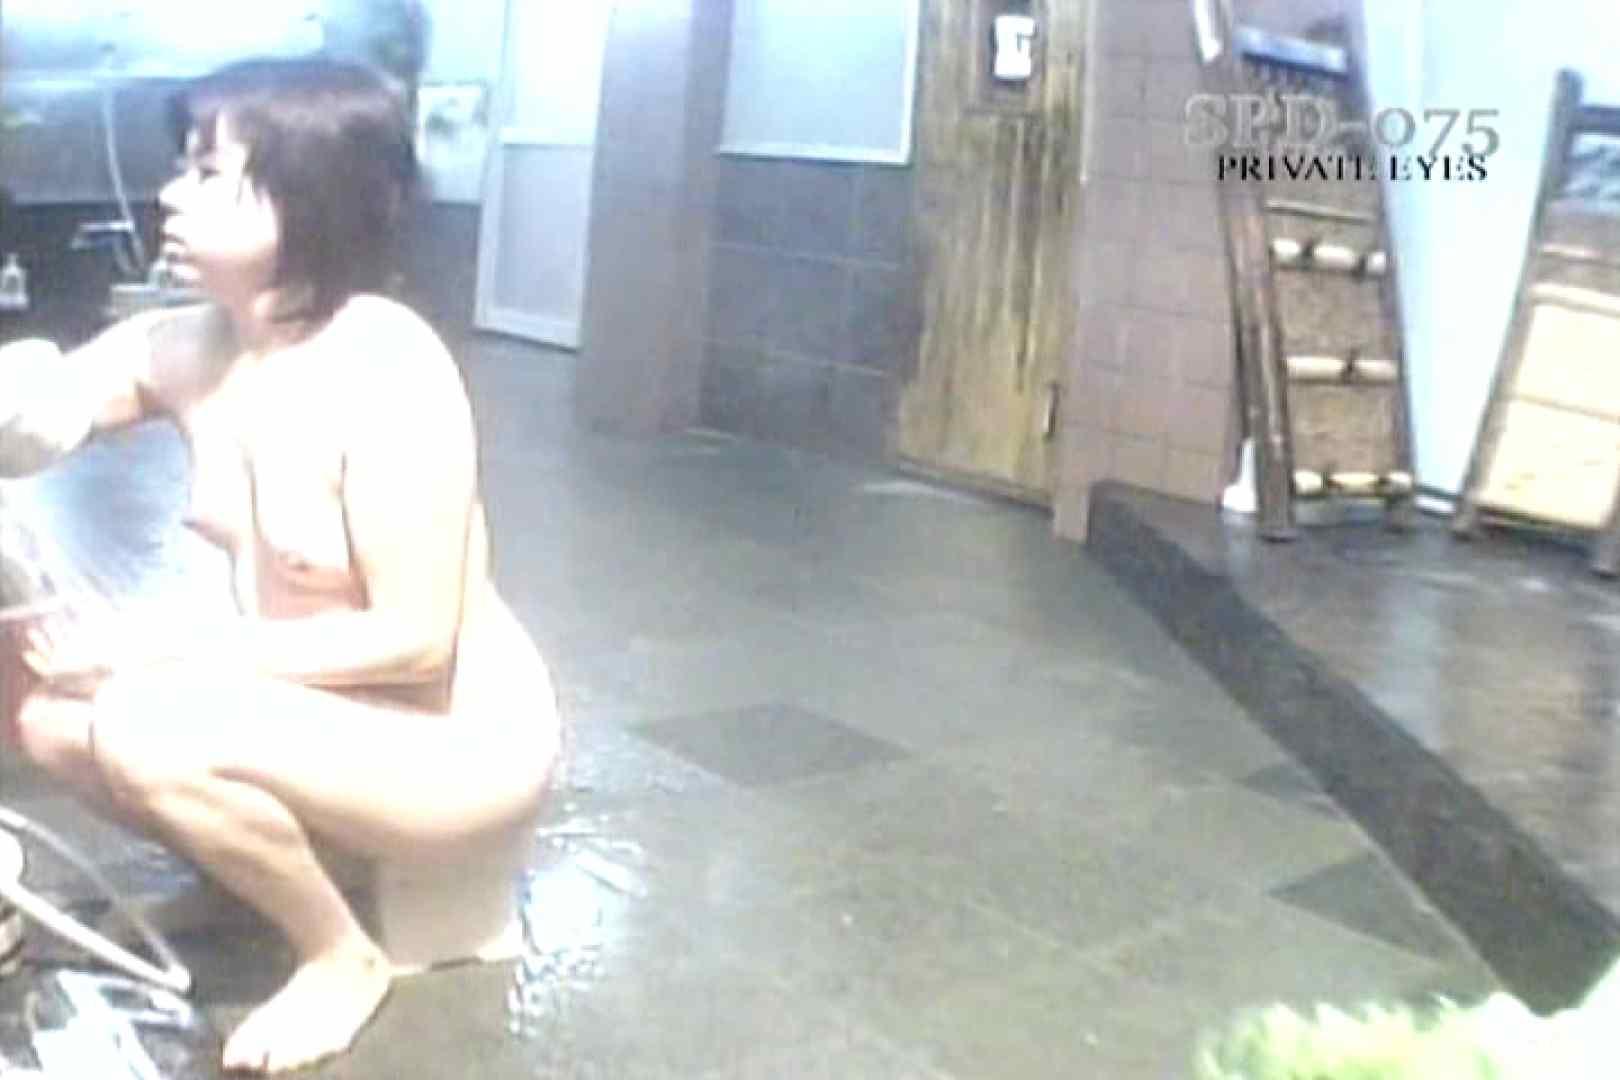 高画質版!SPD-075 脱衣所から洗面所まで 9カメ追跡盗撮 プライベート エロ無料画像 45連発 32